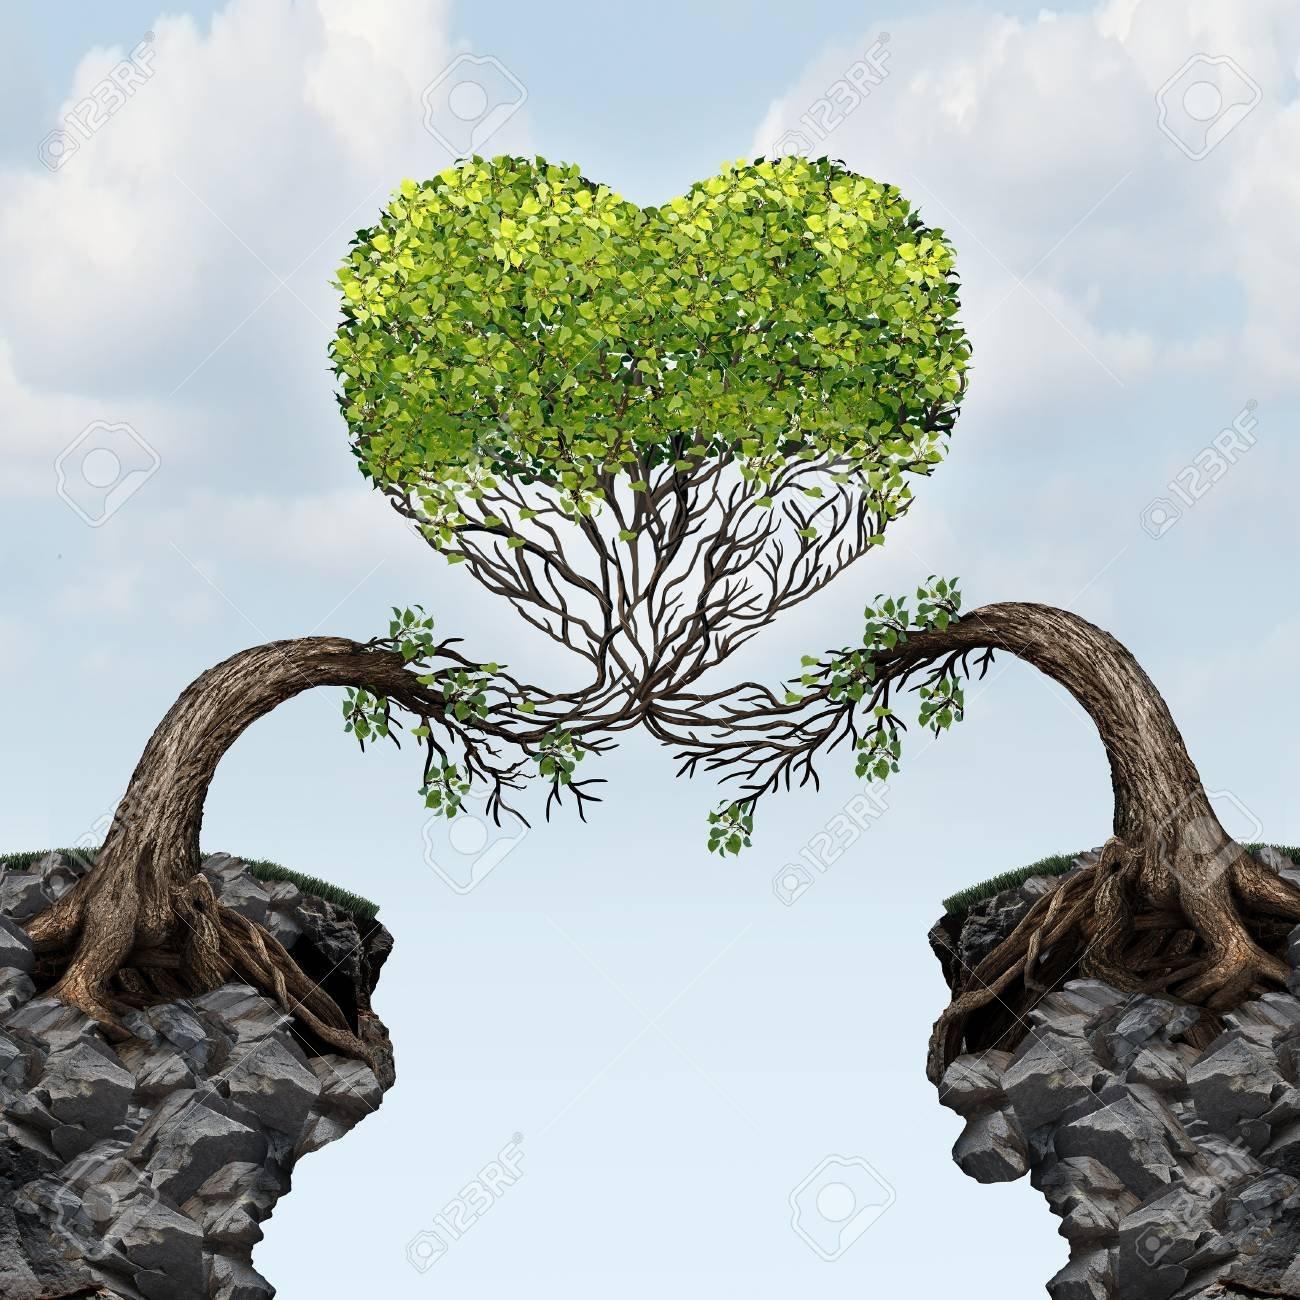 50924311-l-amour-concept-de-connexion-en-tant-que-deux-arbres-sur-les-falaises-divisées-fusionnent-ensemble-